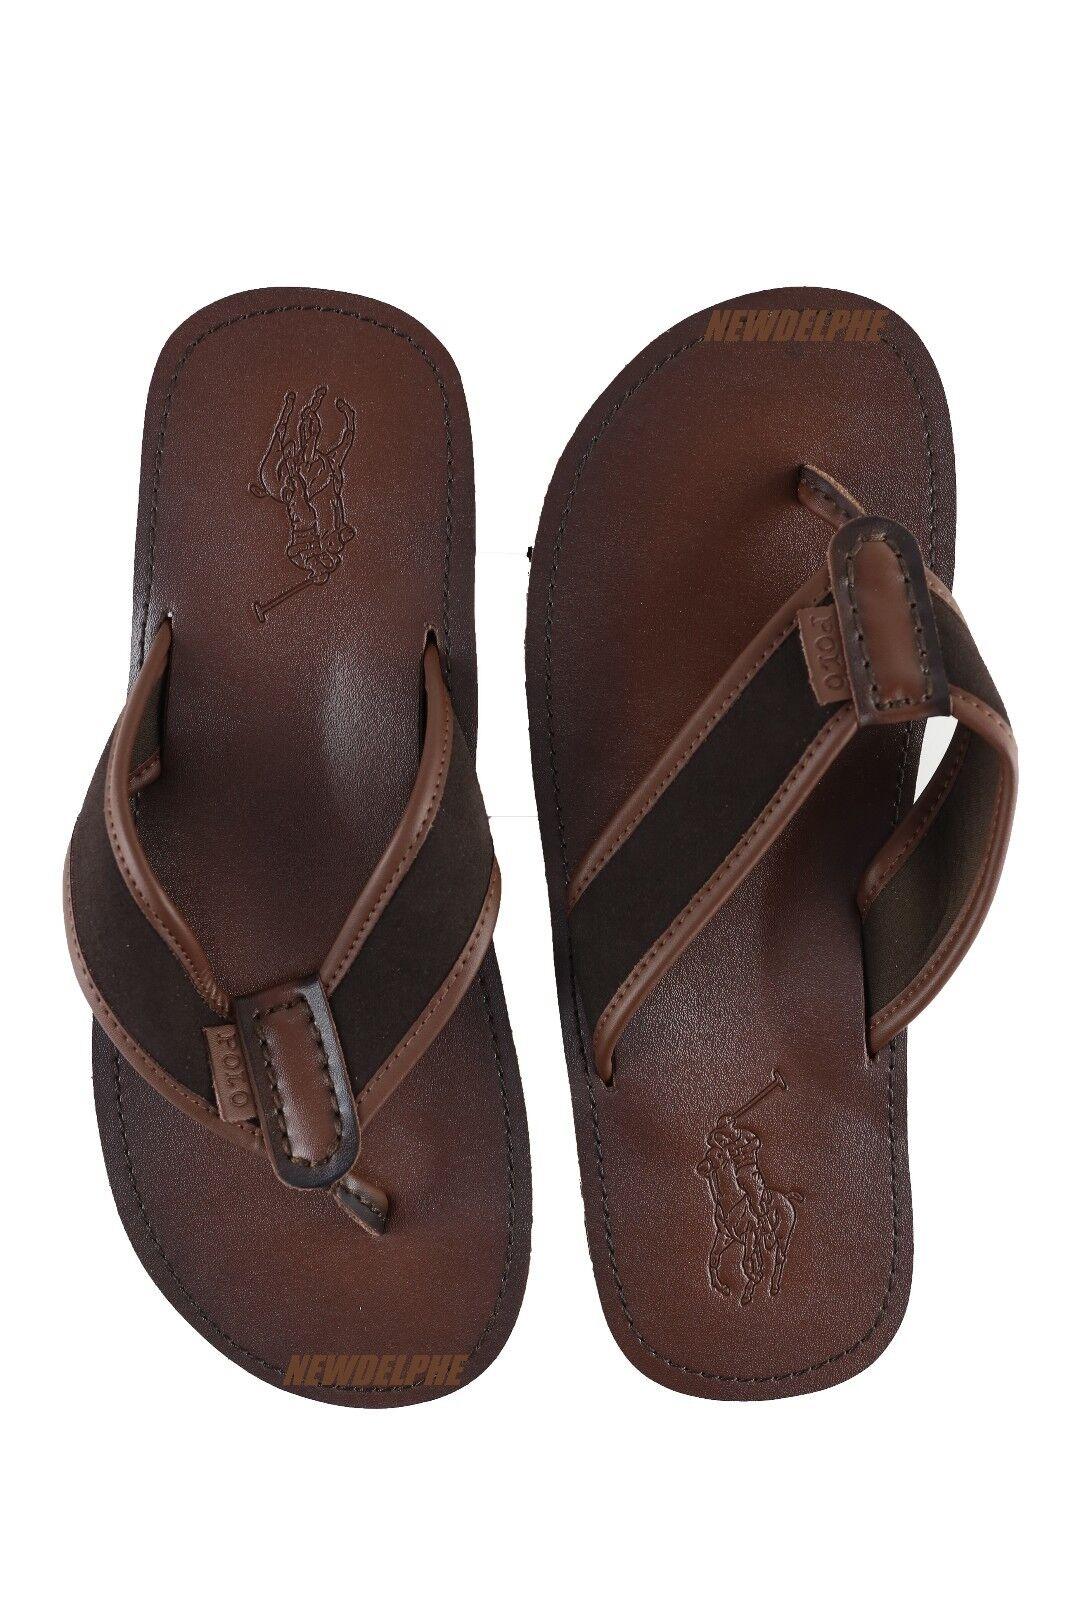 a9f1cc729b3 Polo Ralph Lauren Mens Black Leather Sullivan Flip Flops Size 12 ...